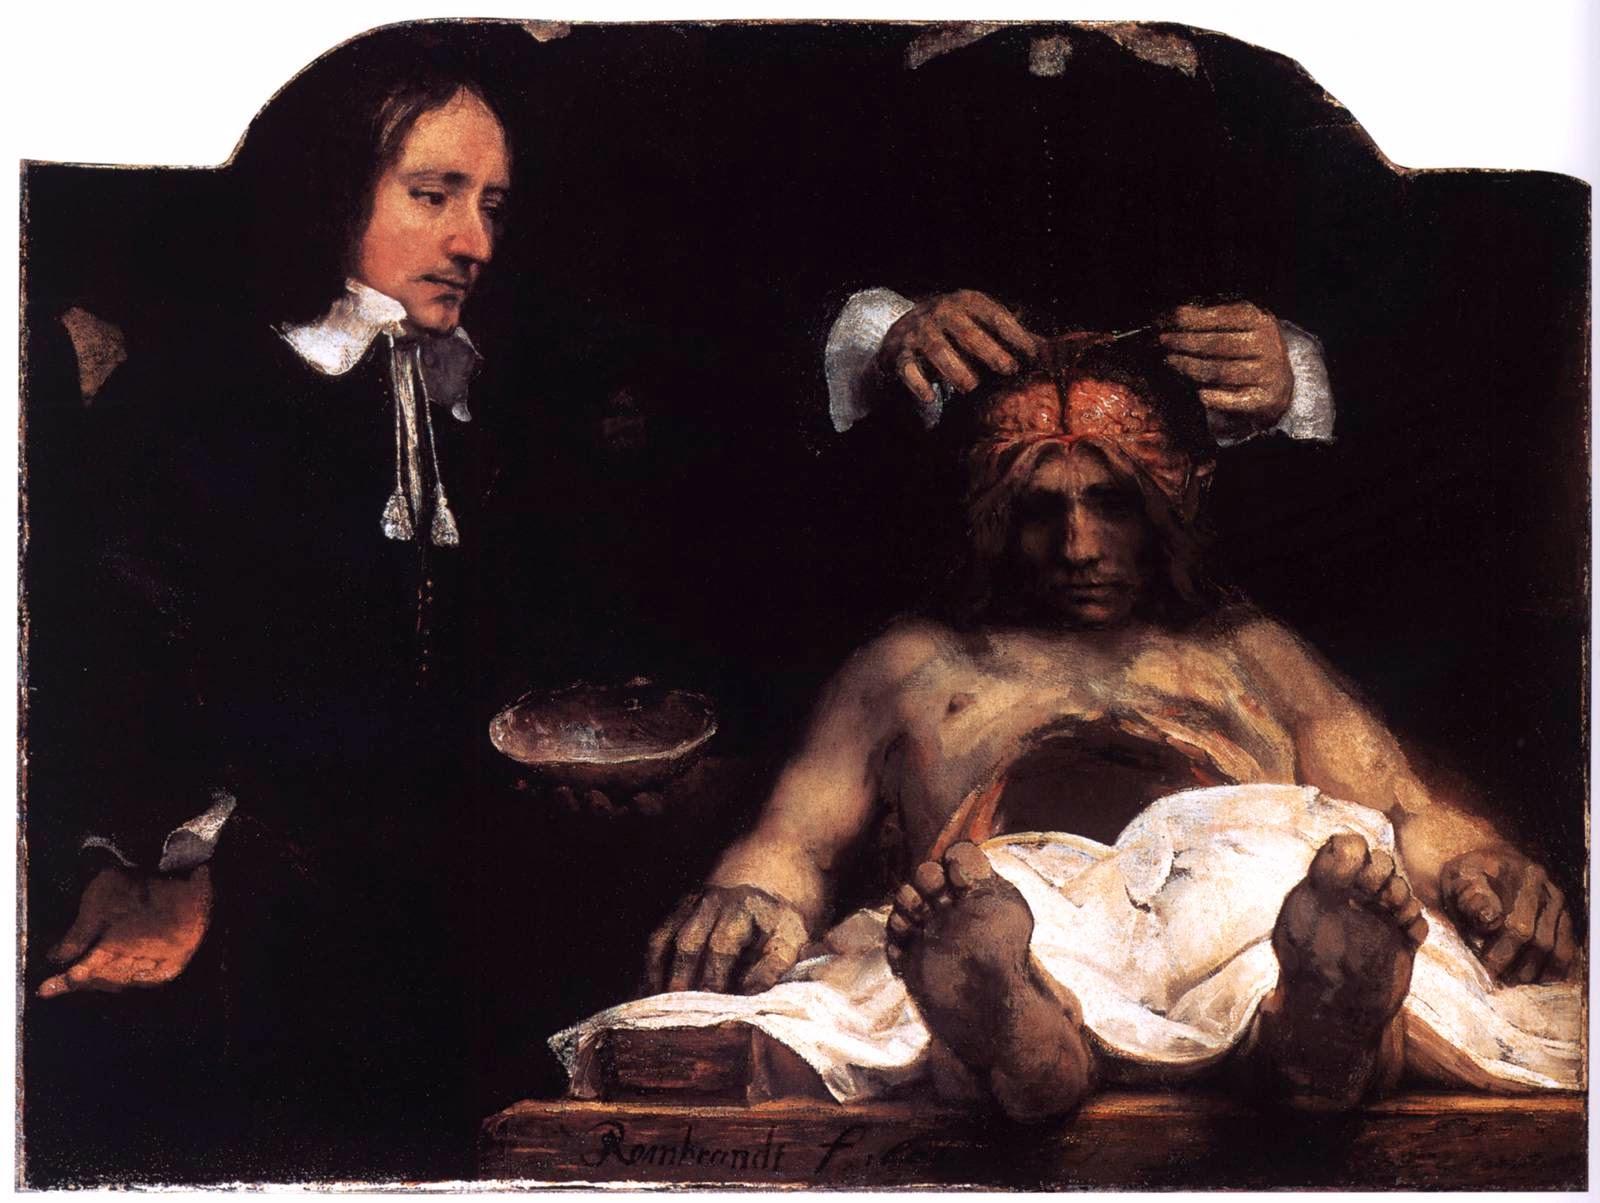 Rembrandt to Reynolds